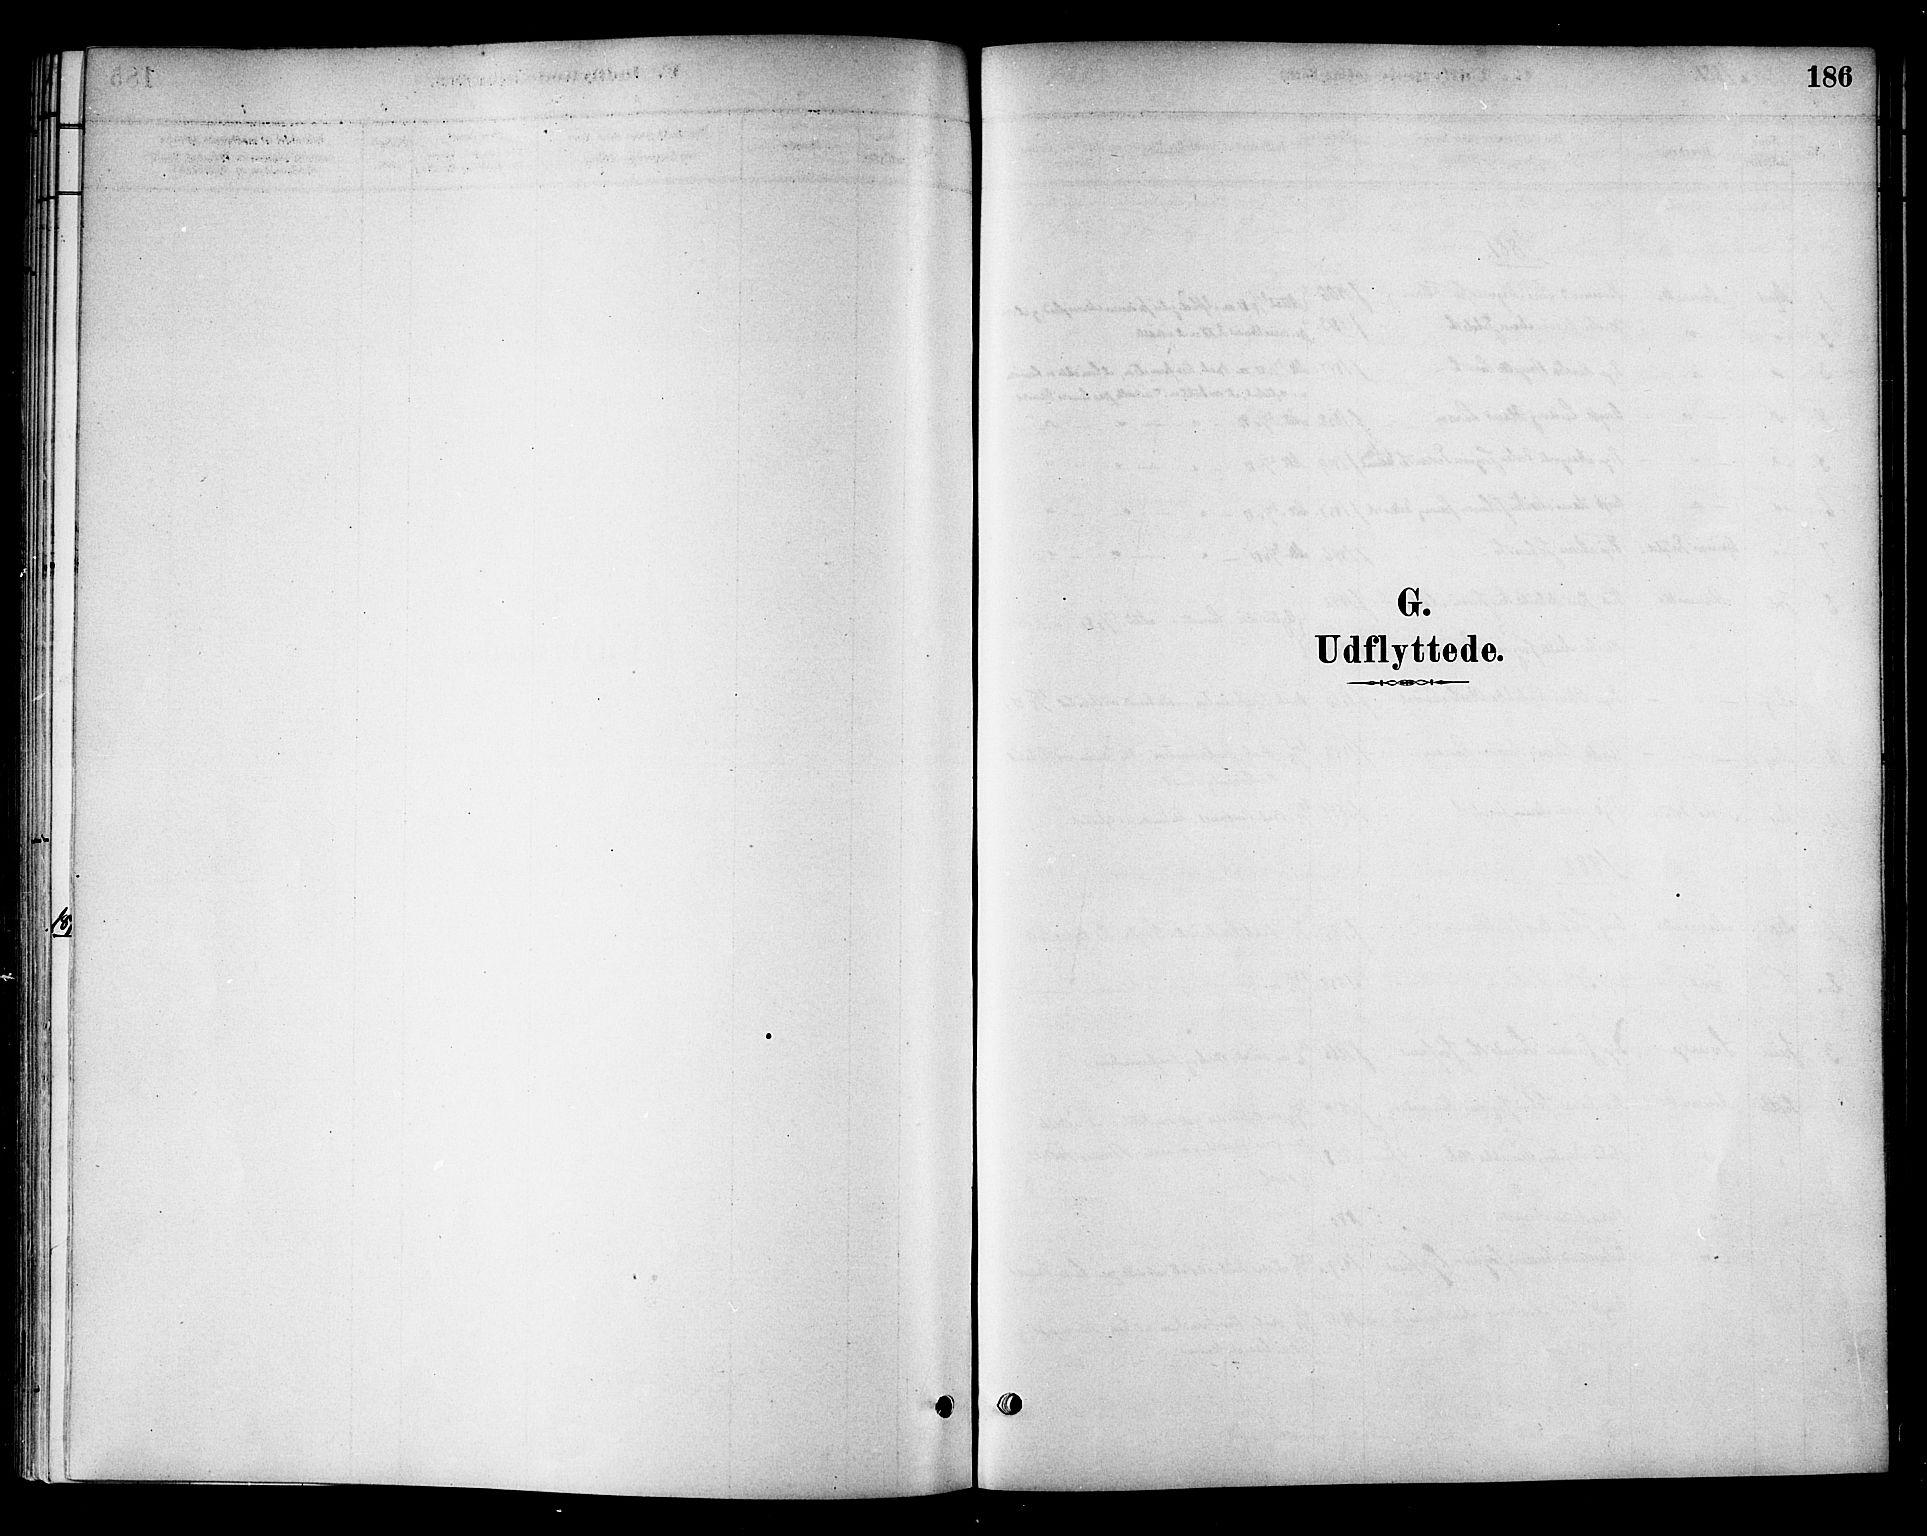 SAT, Ministerialprotokoller, klokkerbøker og fødselsregistre - Sør-Trøndelag, 654/L0663: Ministerialbok nr. 654A01, 1880-1894, s. 186